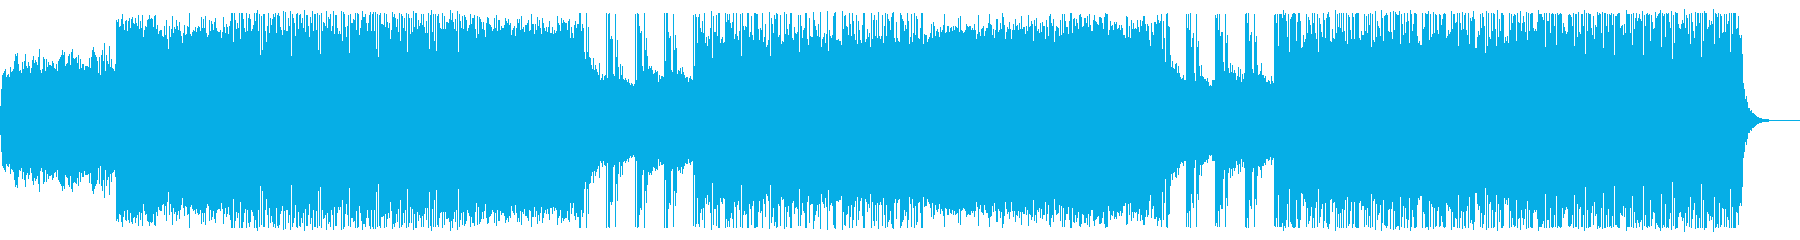 激しい派手なダブステップ系の再生済みの波形